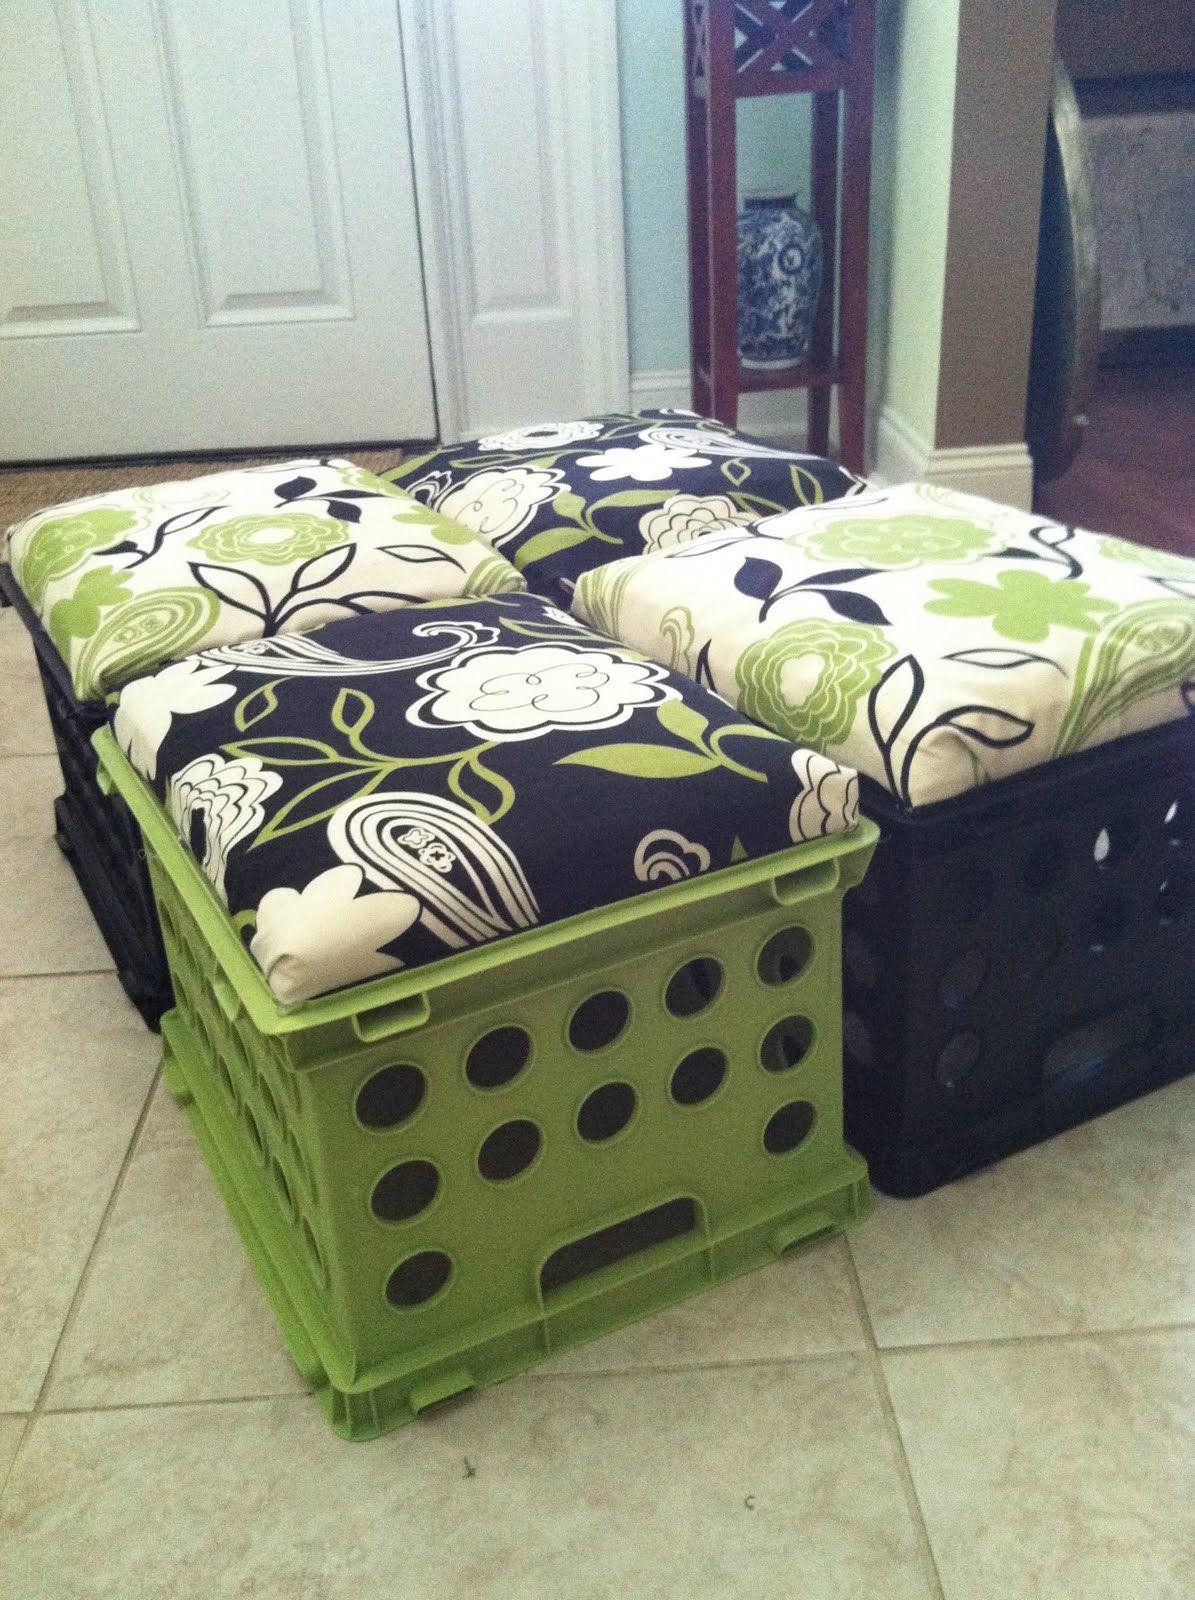 Tupelo Honey: Crate Seats, My Way.